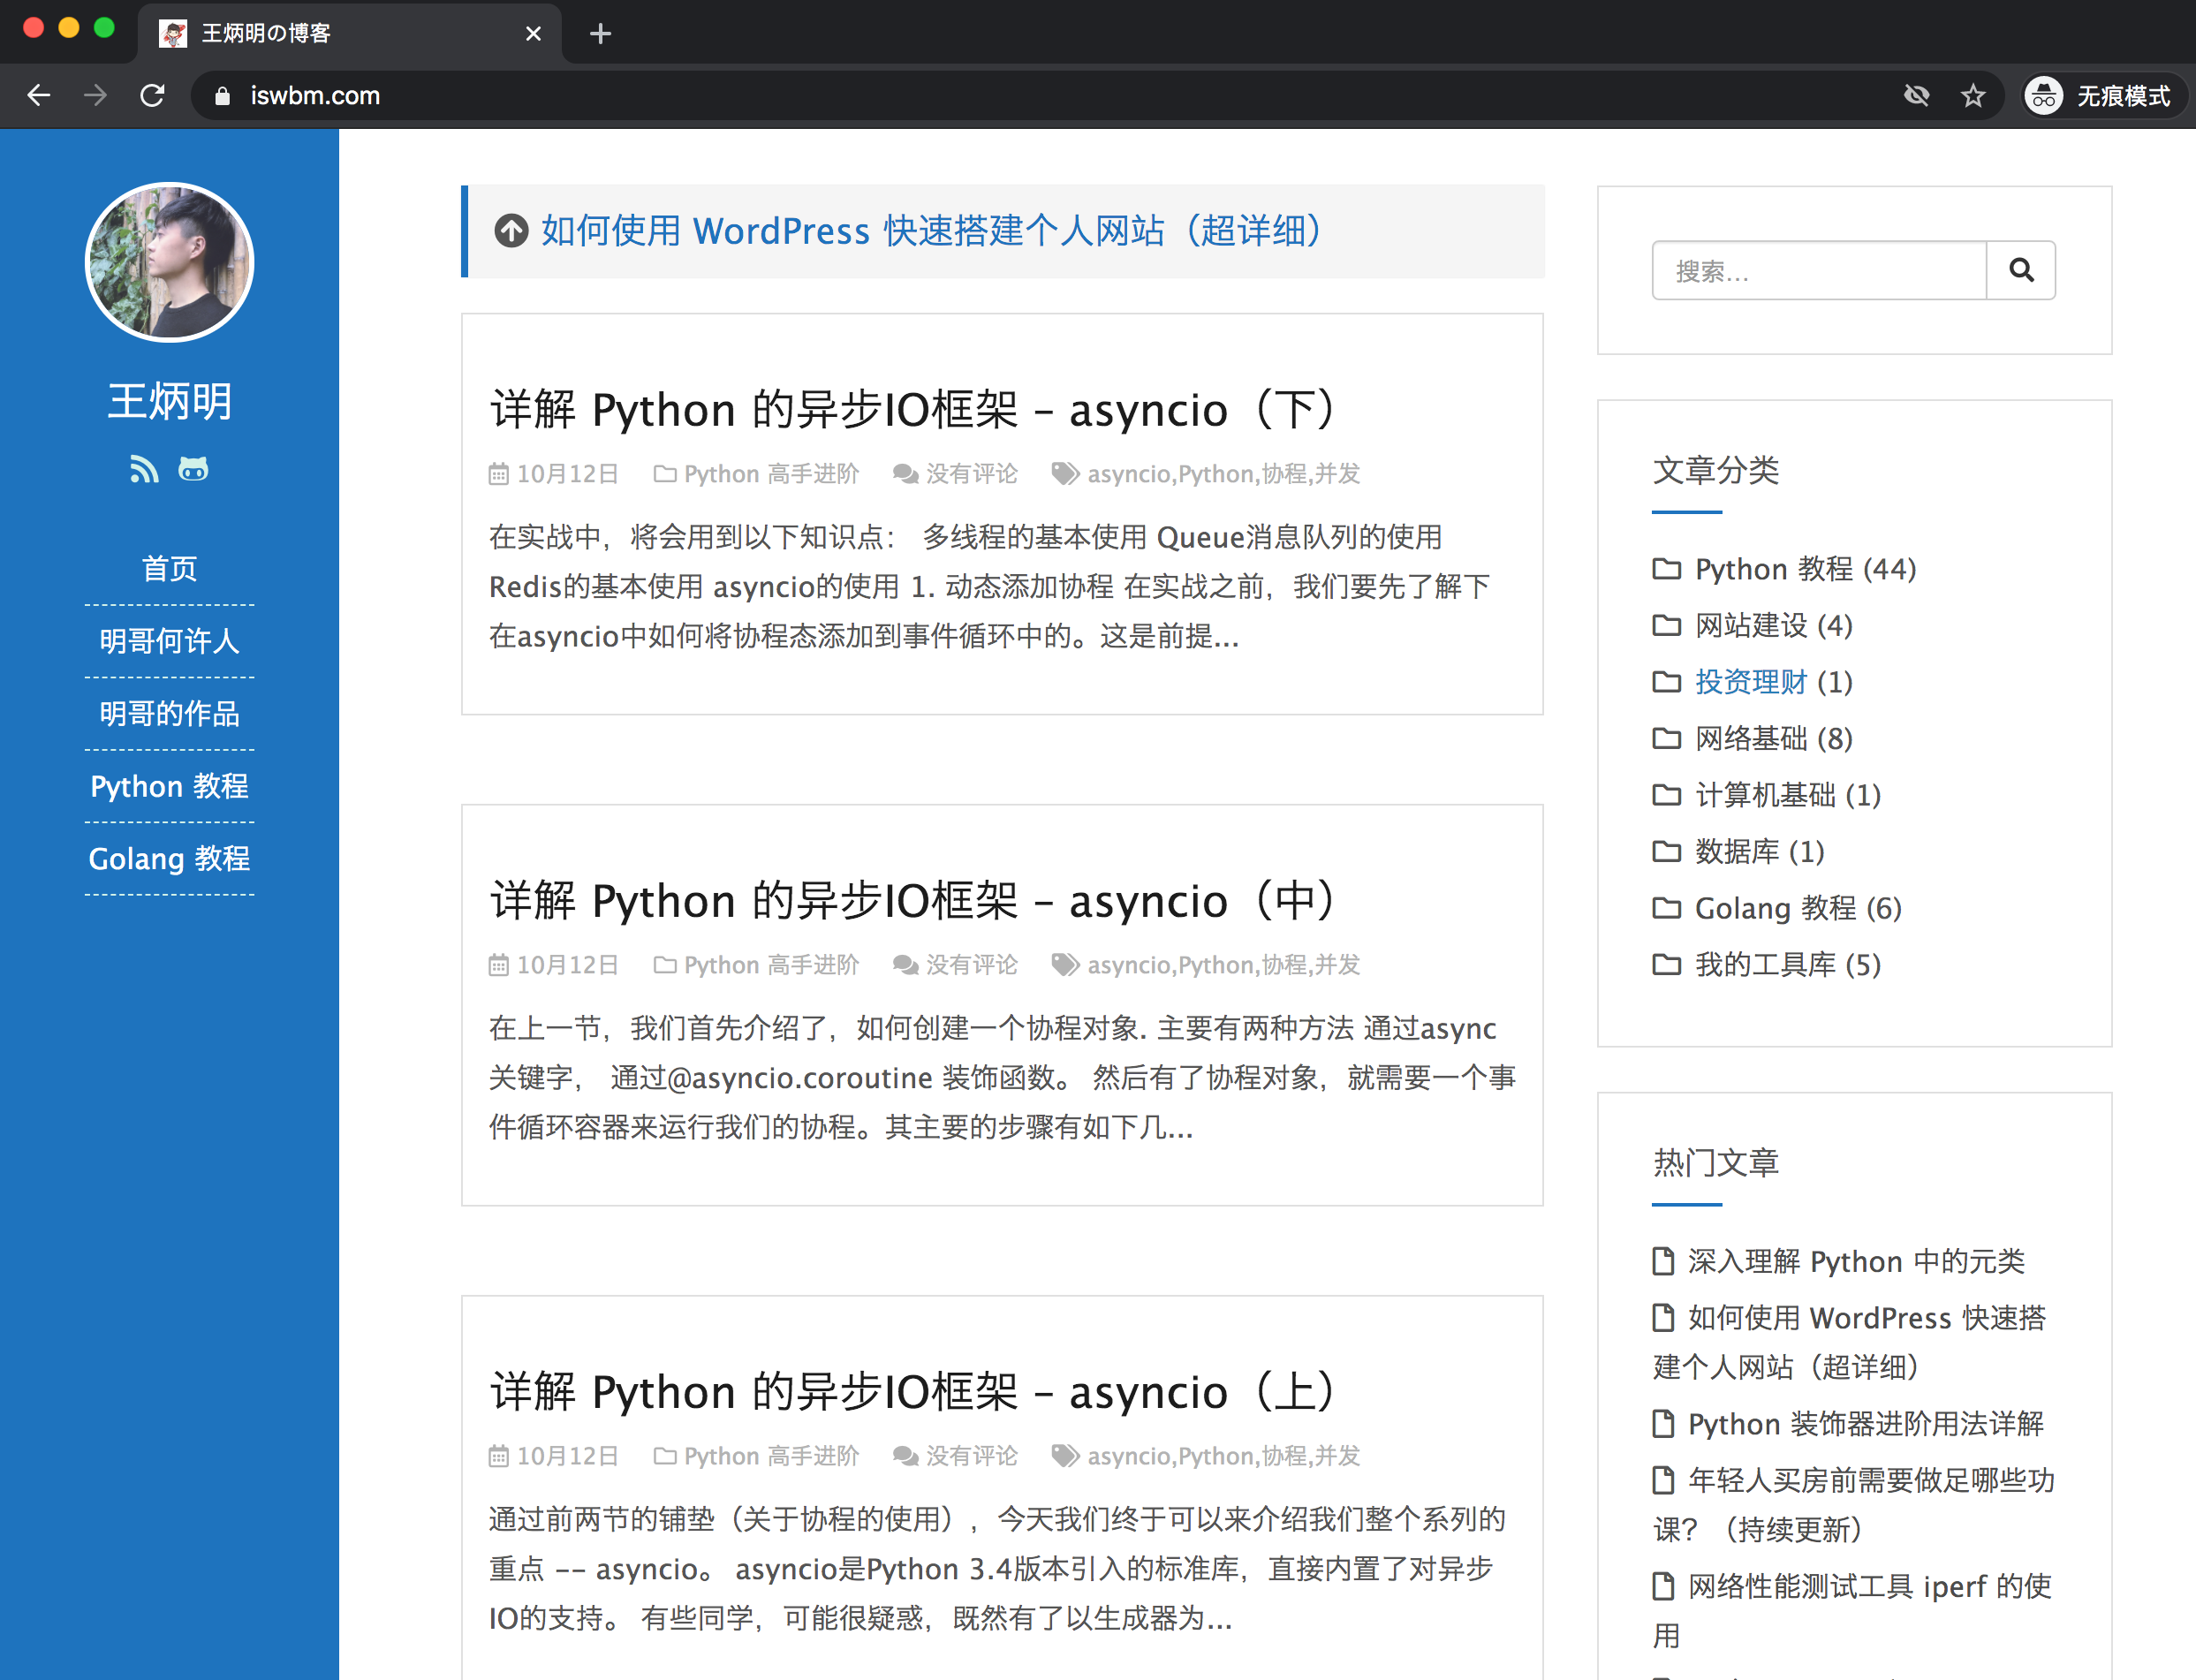 超详细图解 WordPress 搭建个人网站插图(1)